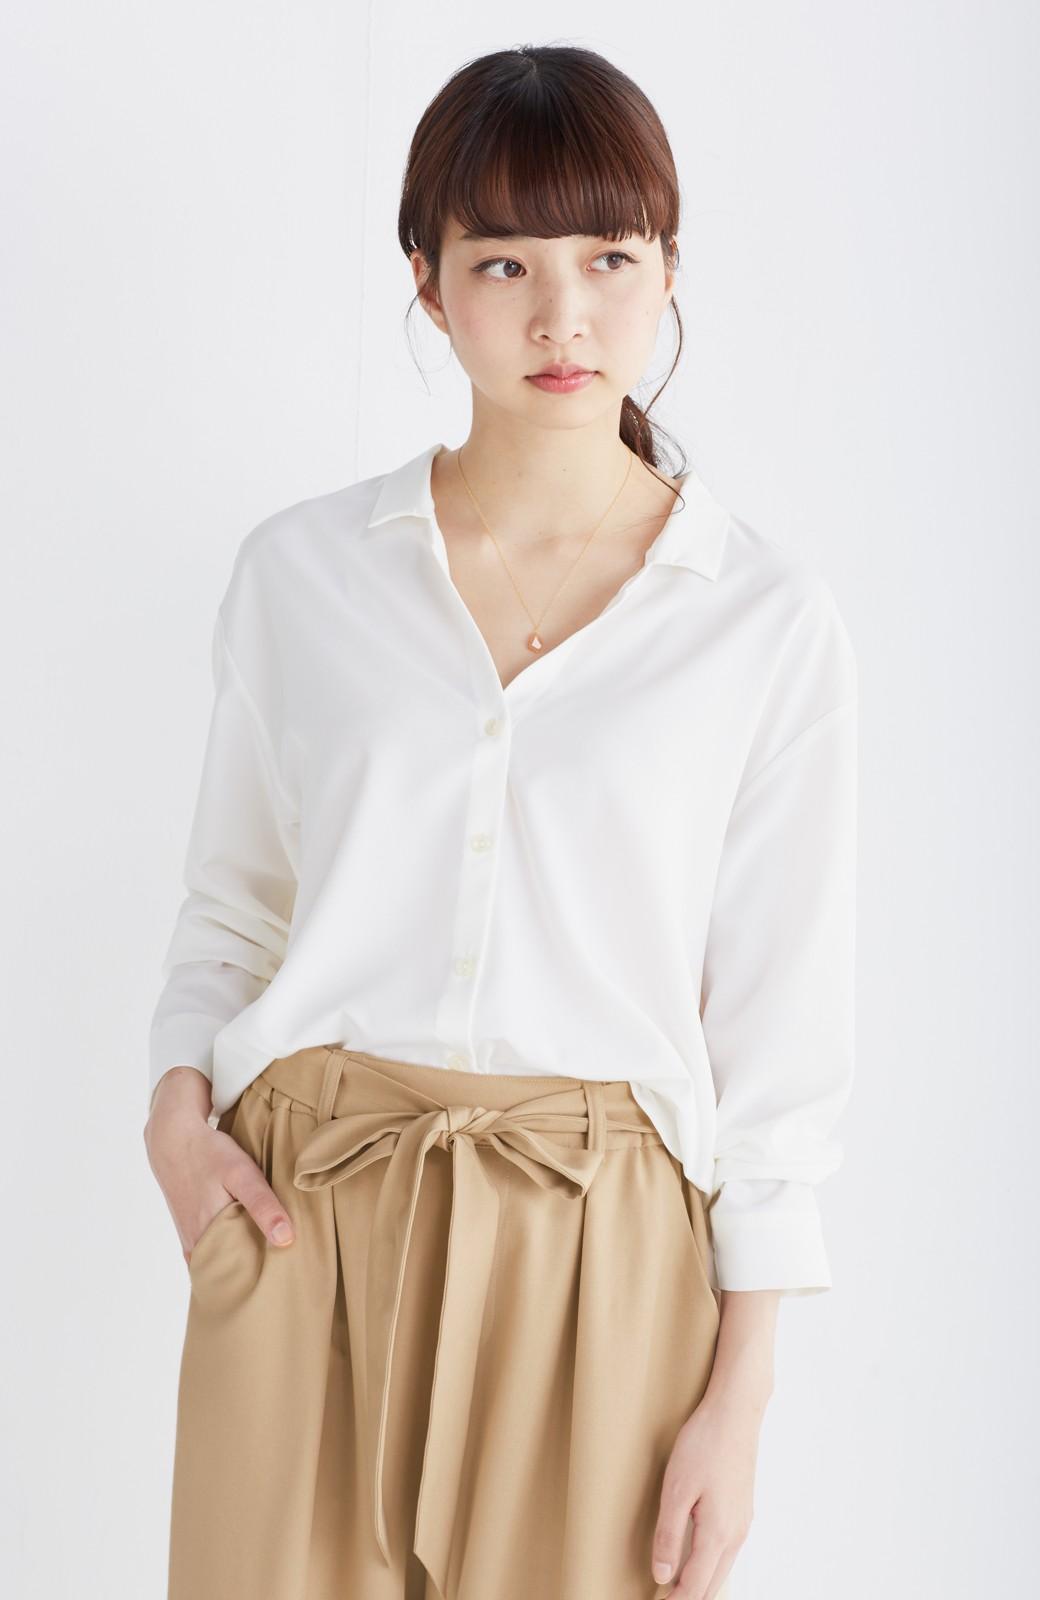 エムトロワ 女らしくてかっこいい スキッパー&抜き衿のとろみシャツ <ホワイト>の商品写真6